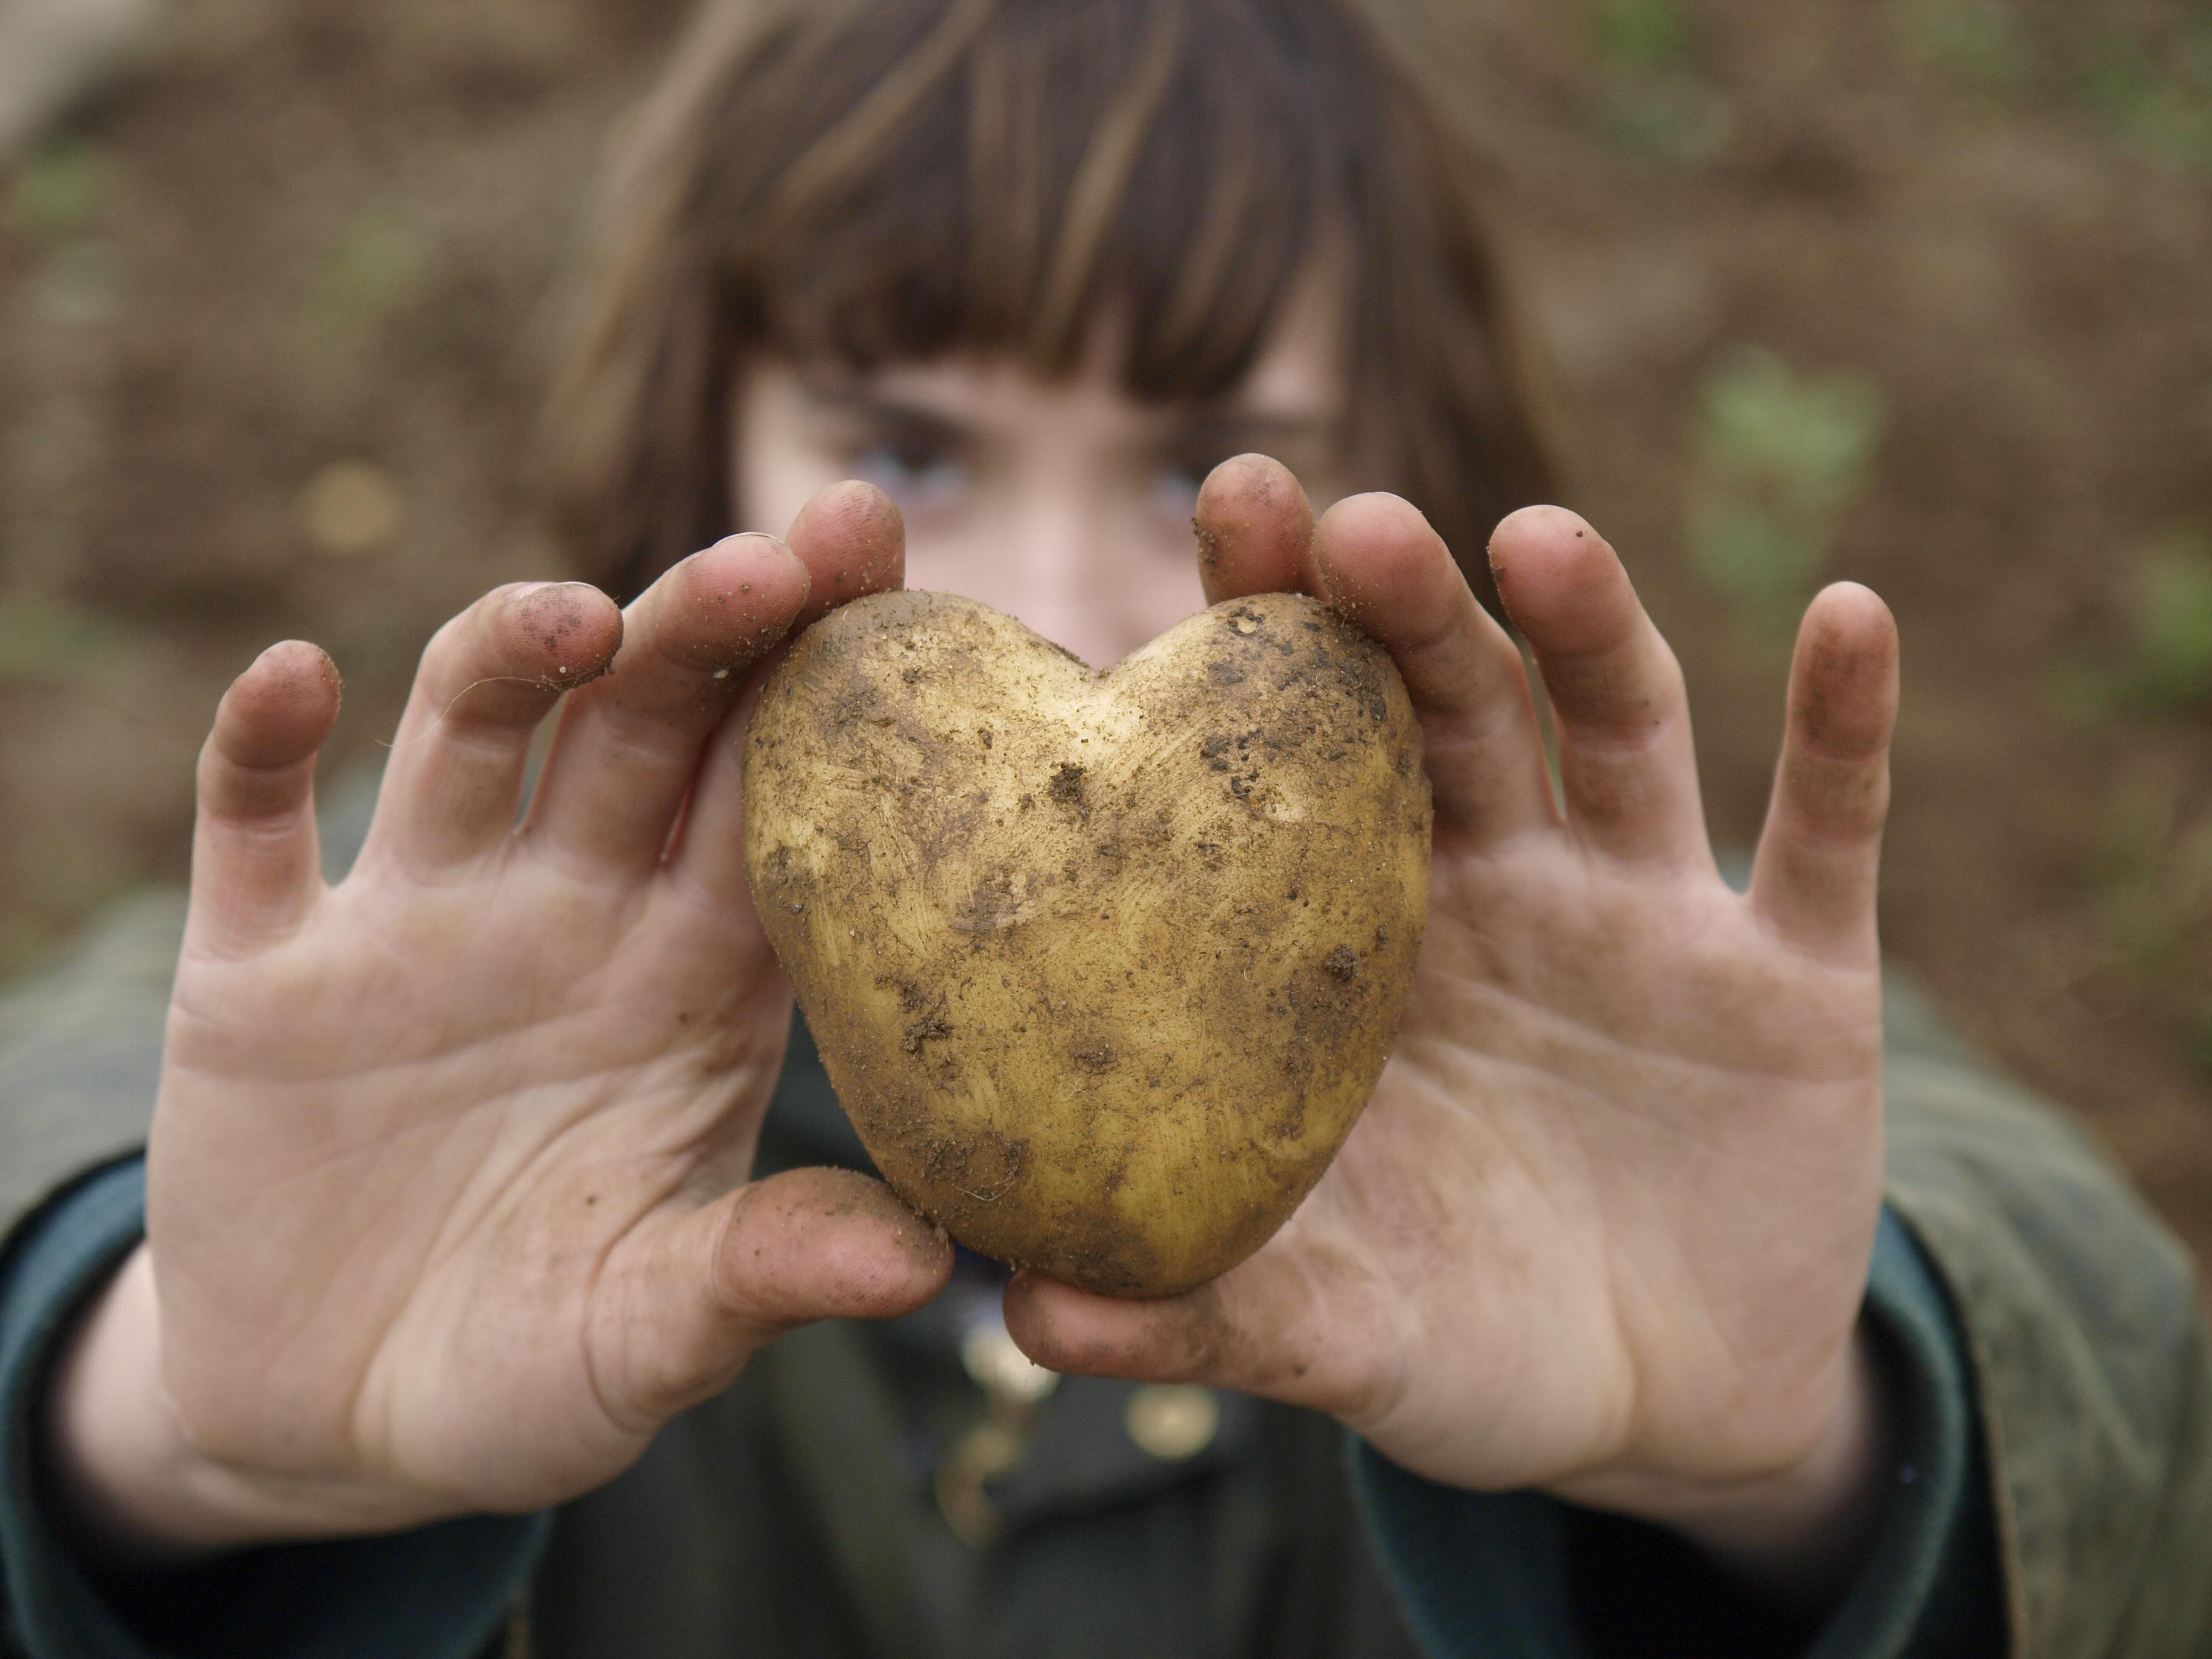 Potatis gav mättnadskänsla vilket ledde till viktminskning.